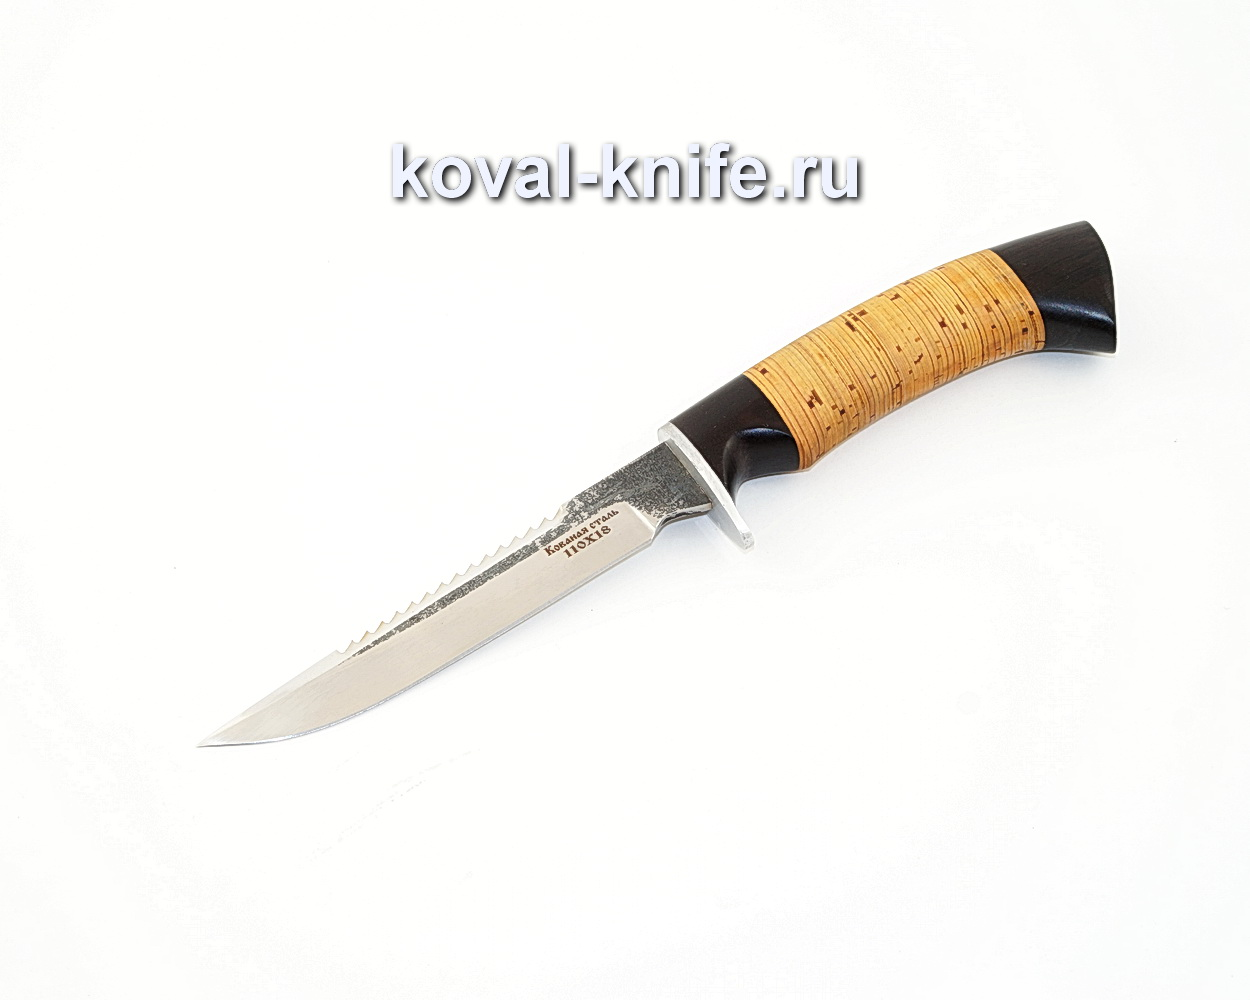 Нож Рыбак из стали 110х18, рукоять береста и граб, A515